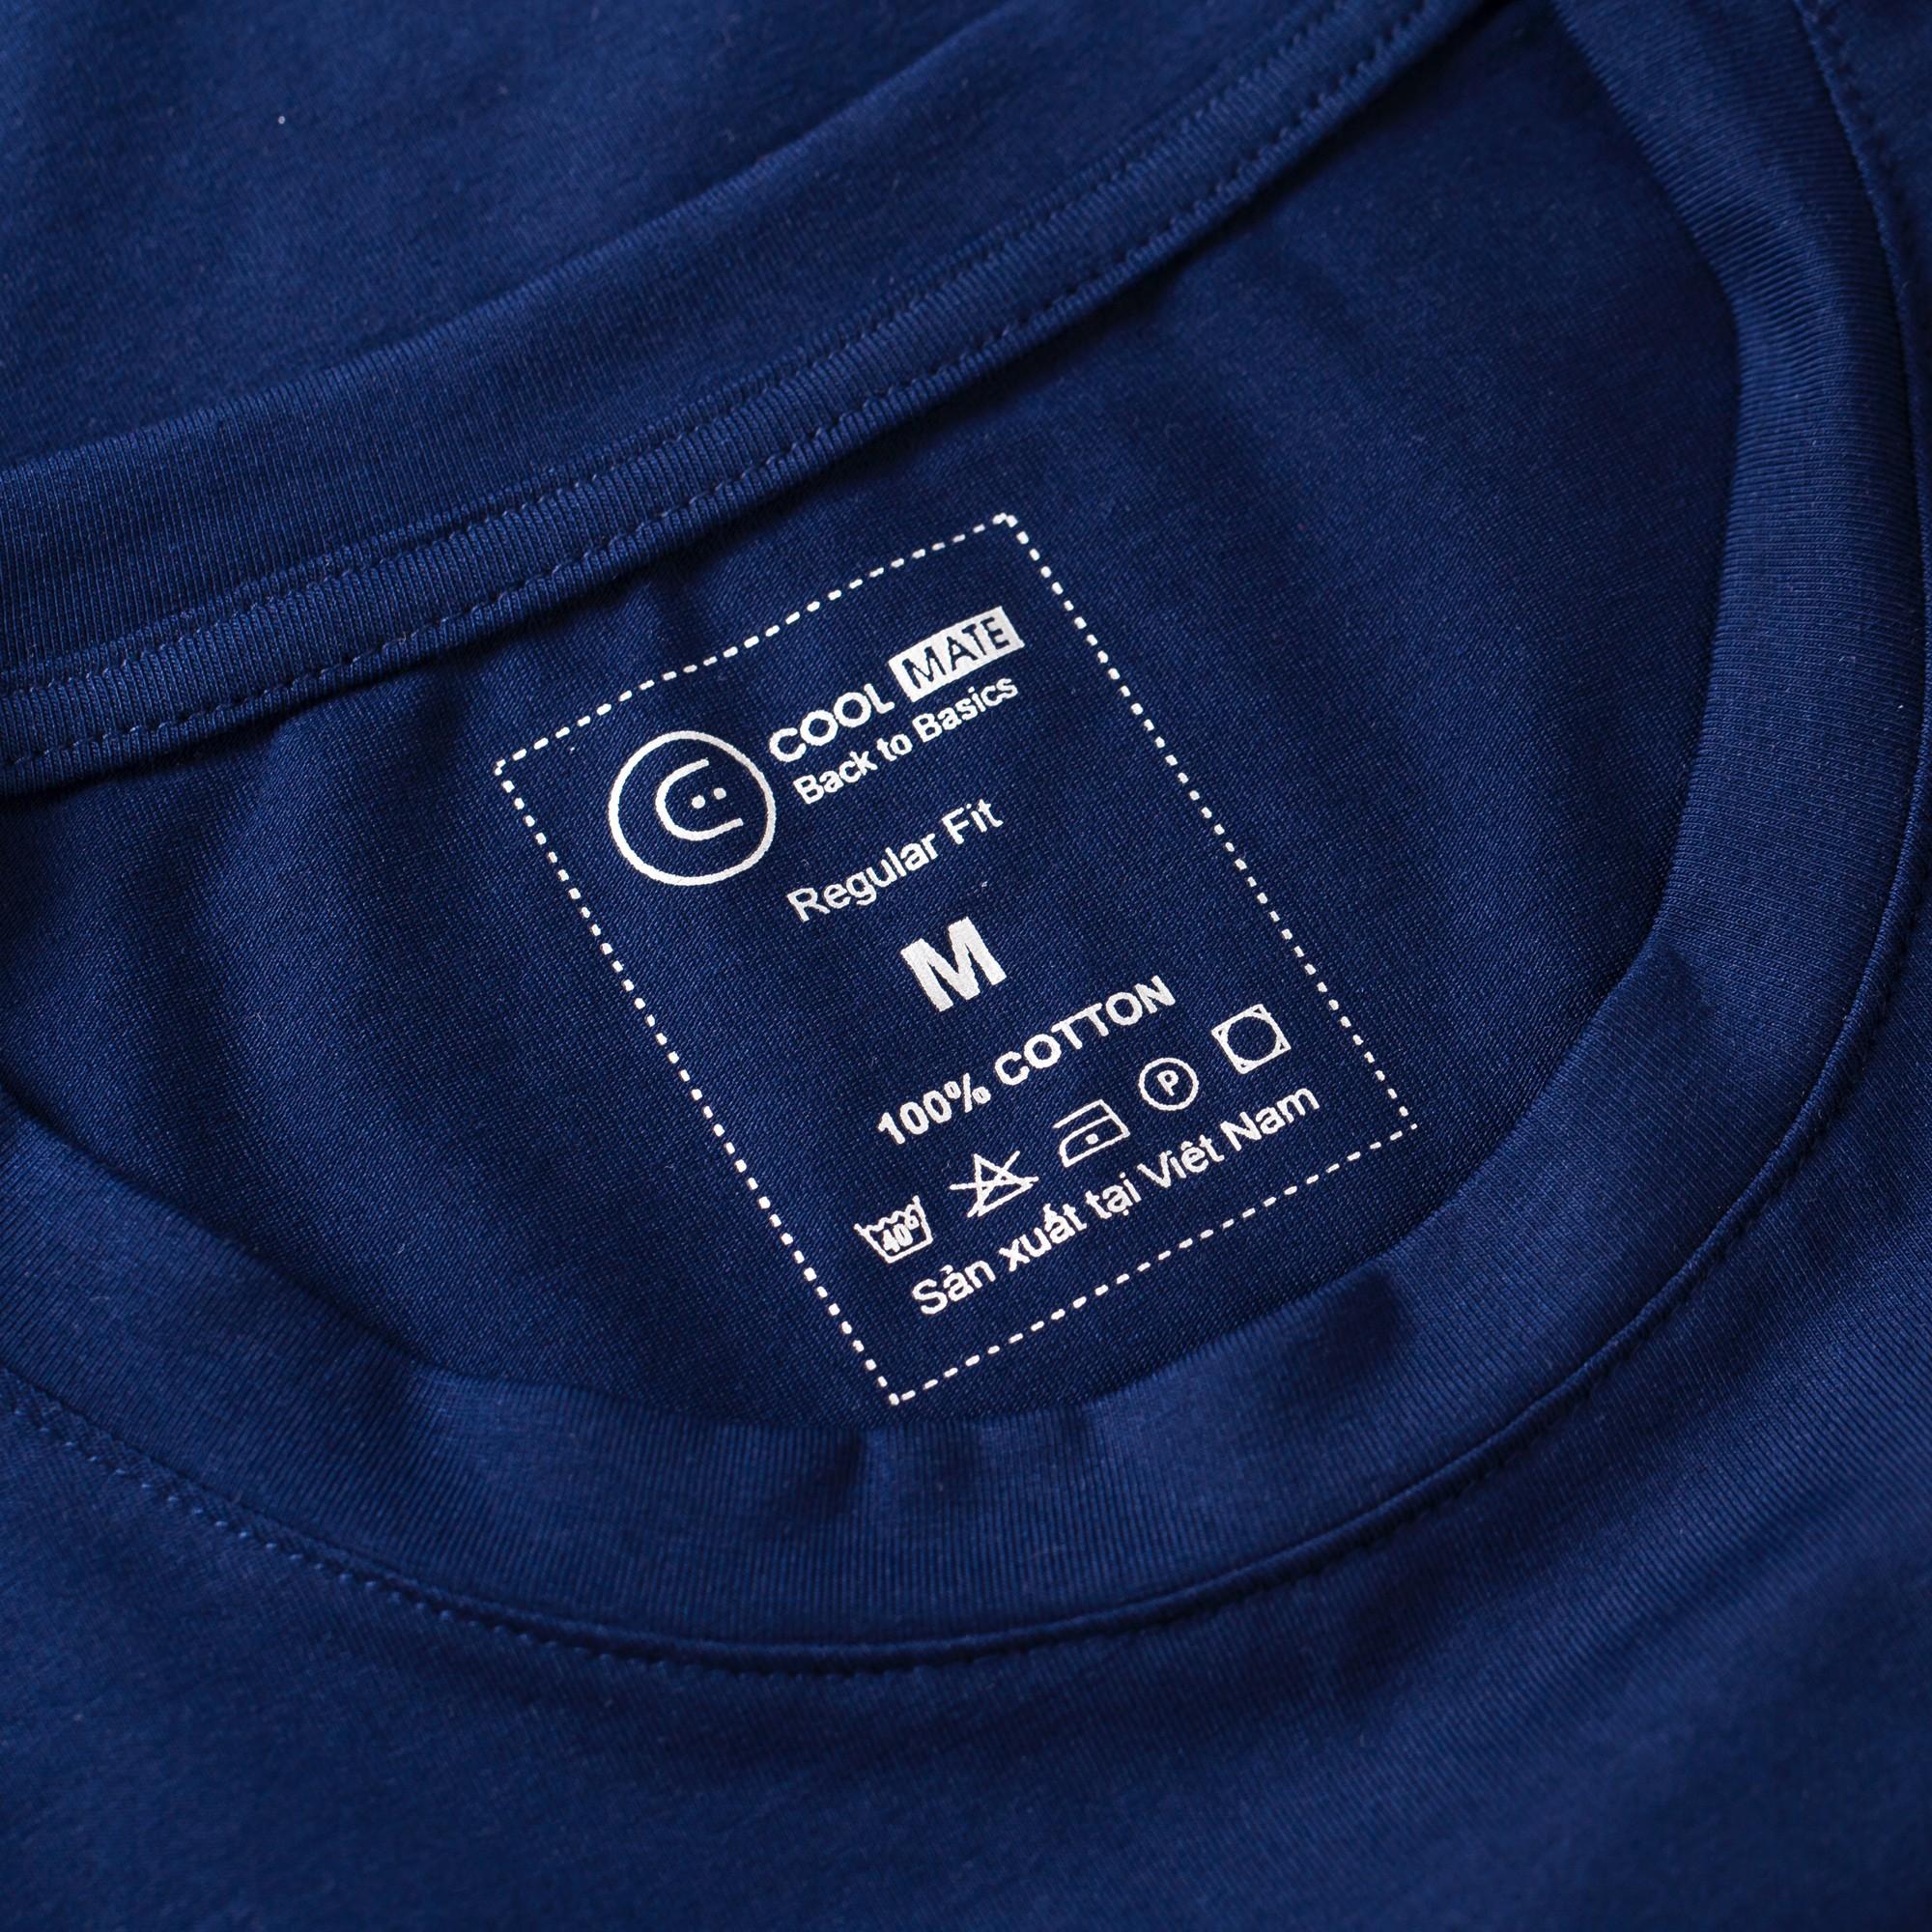 Đàn ông sẽ bớt nỗi lo về mua sắm đồ cơ bản nhờ startup này - Ảnh 3.